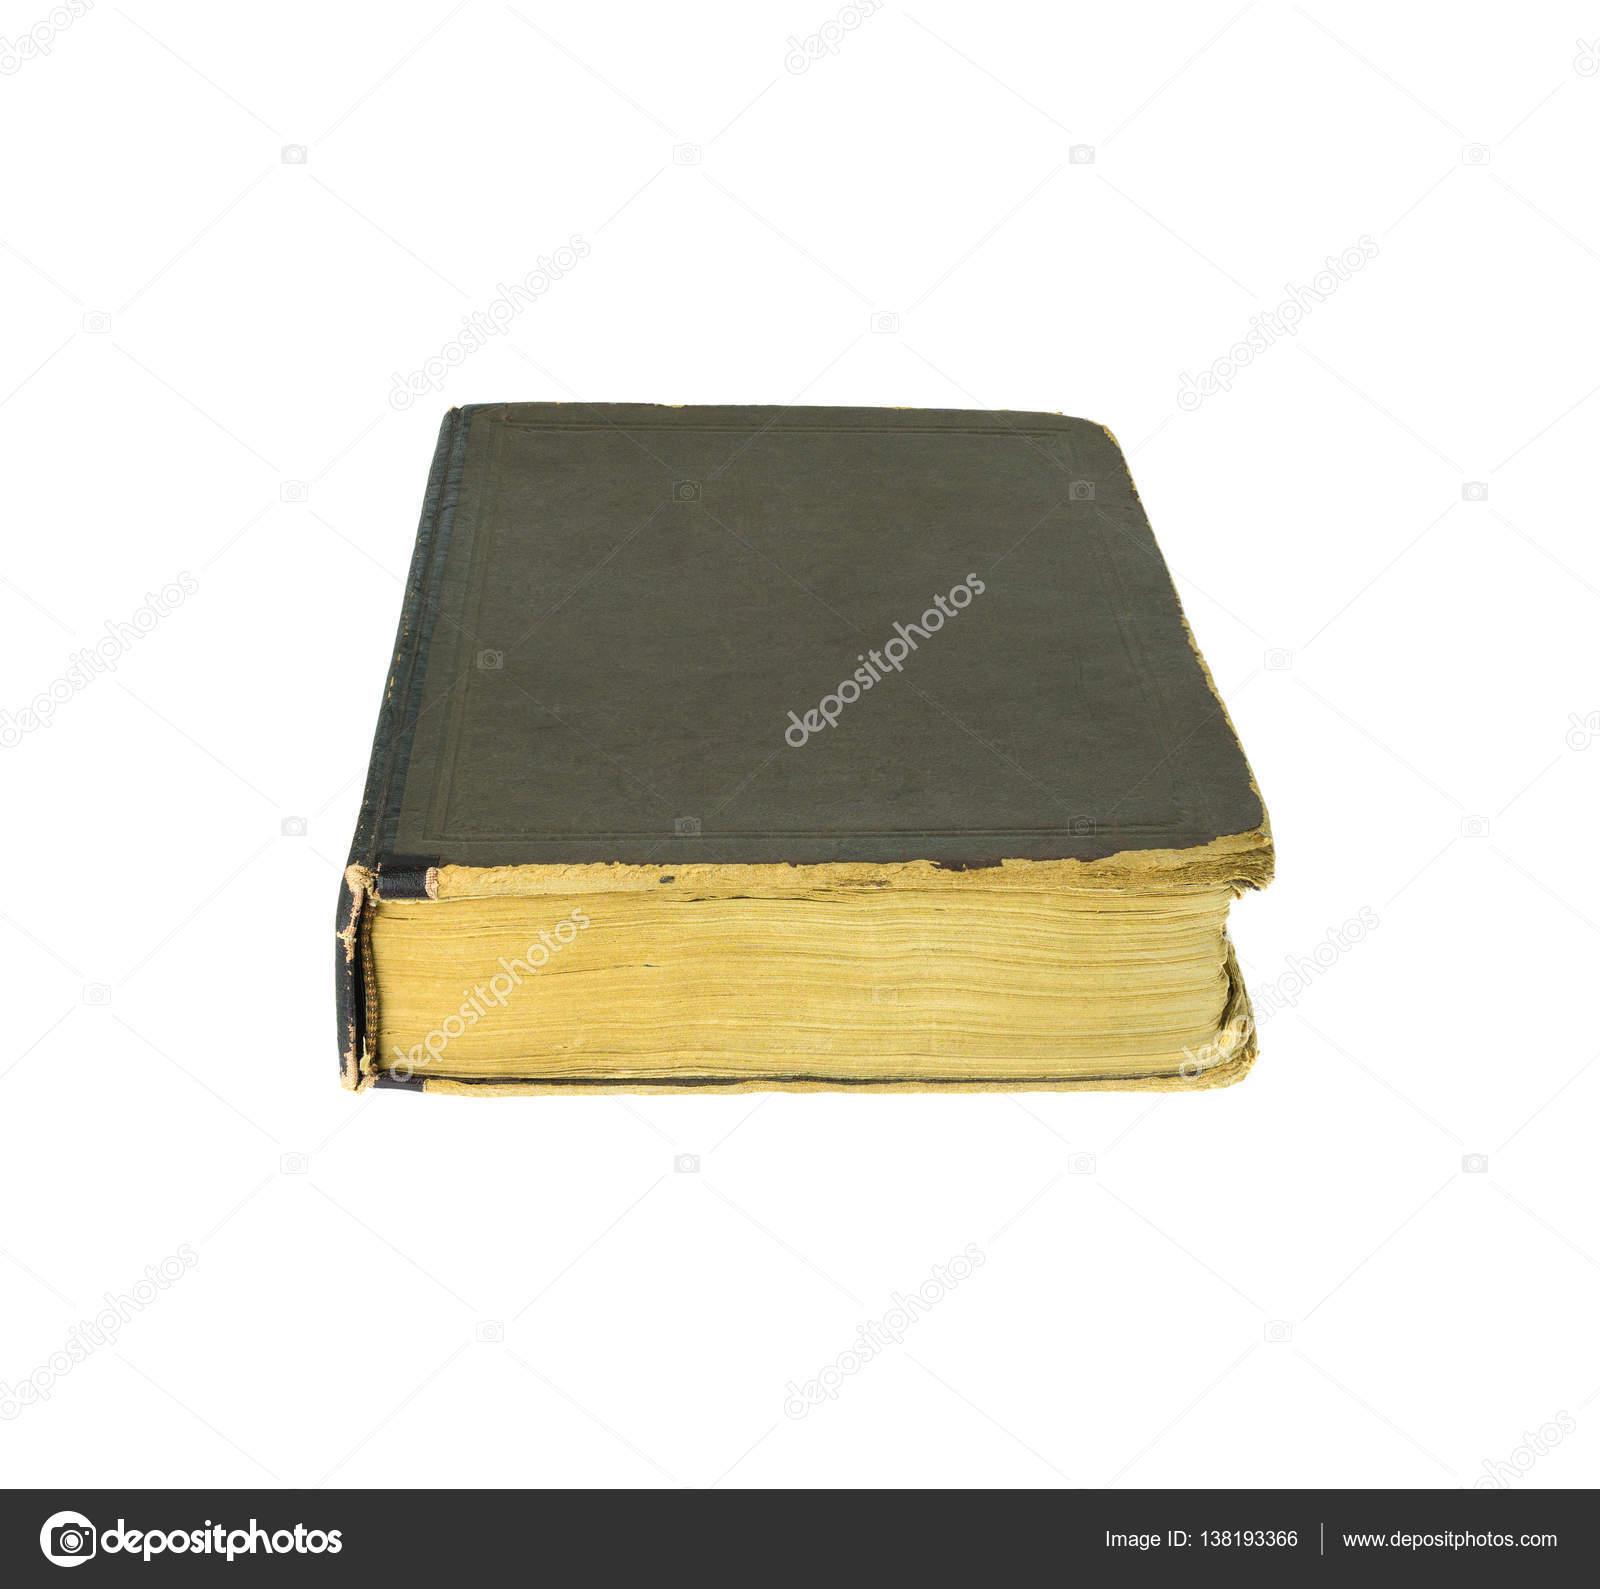 Ferme Le Livre Ancien Photographie Hannaalandi C 138193366